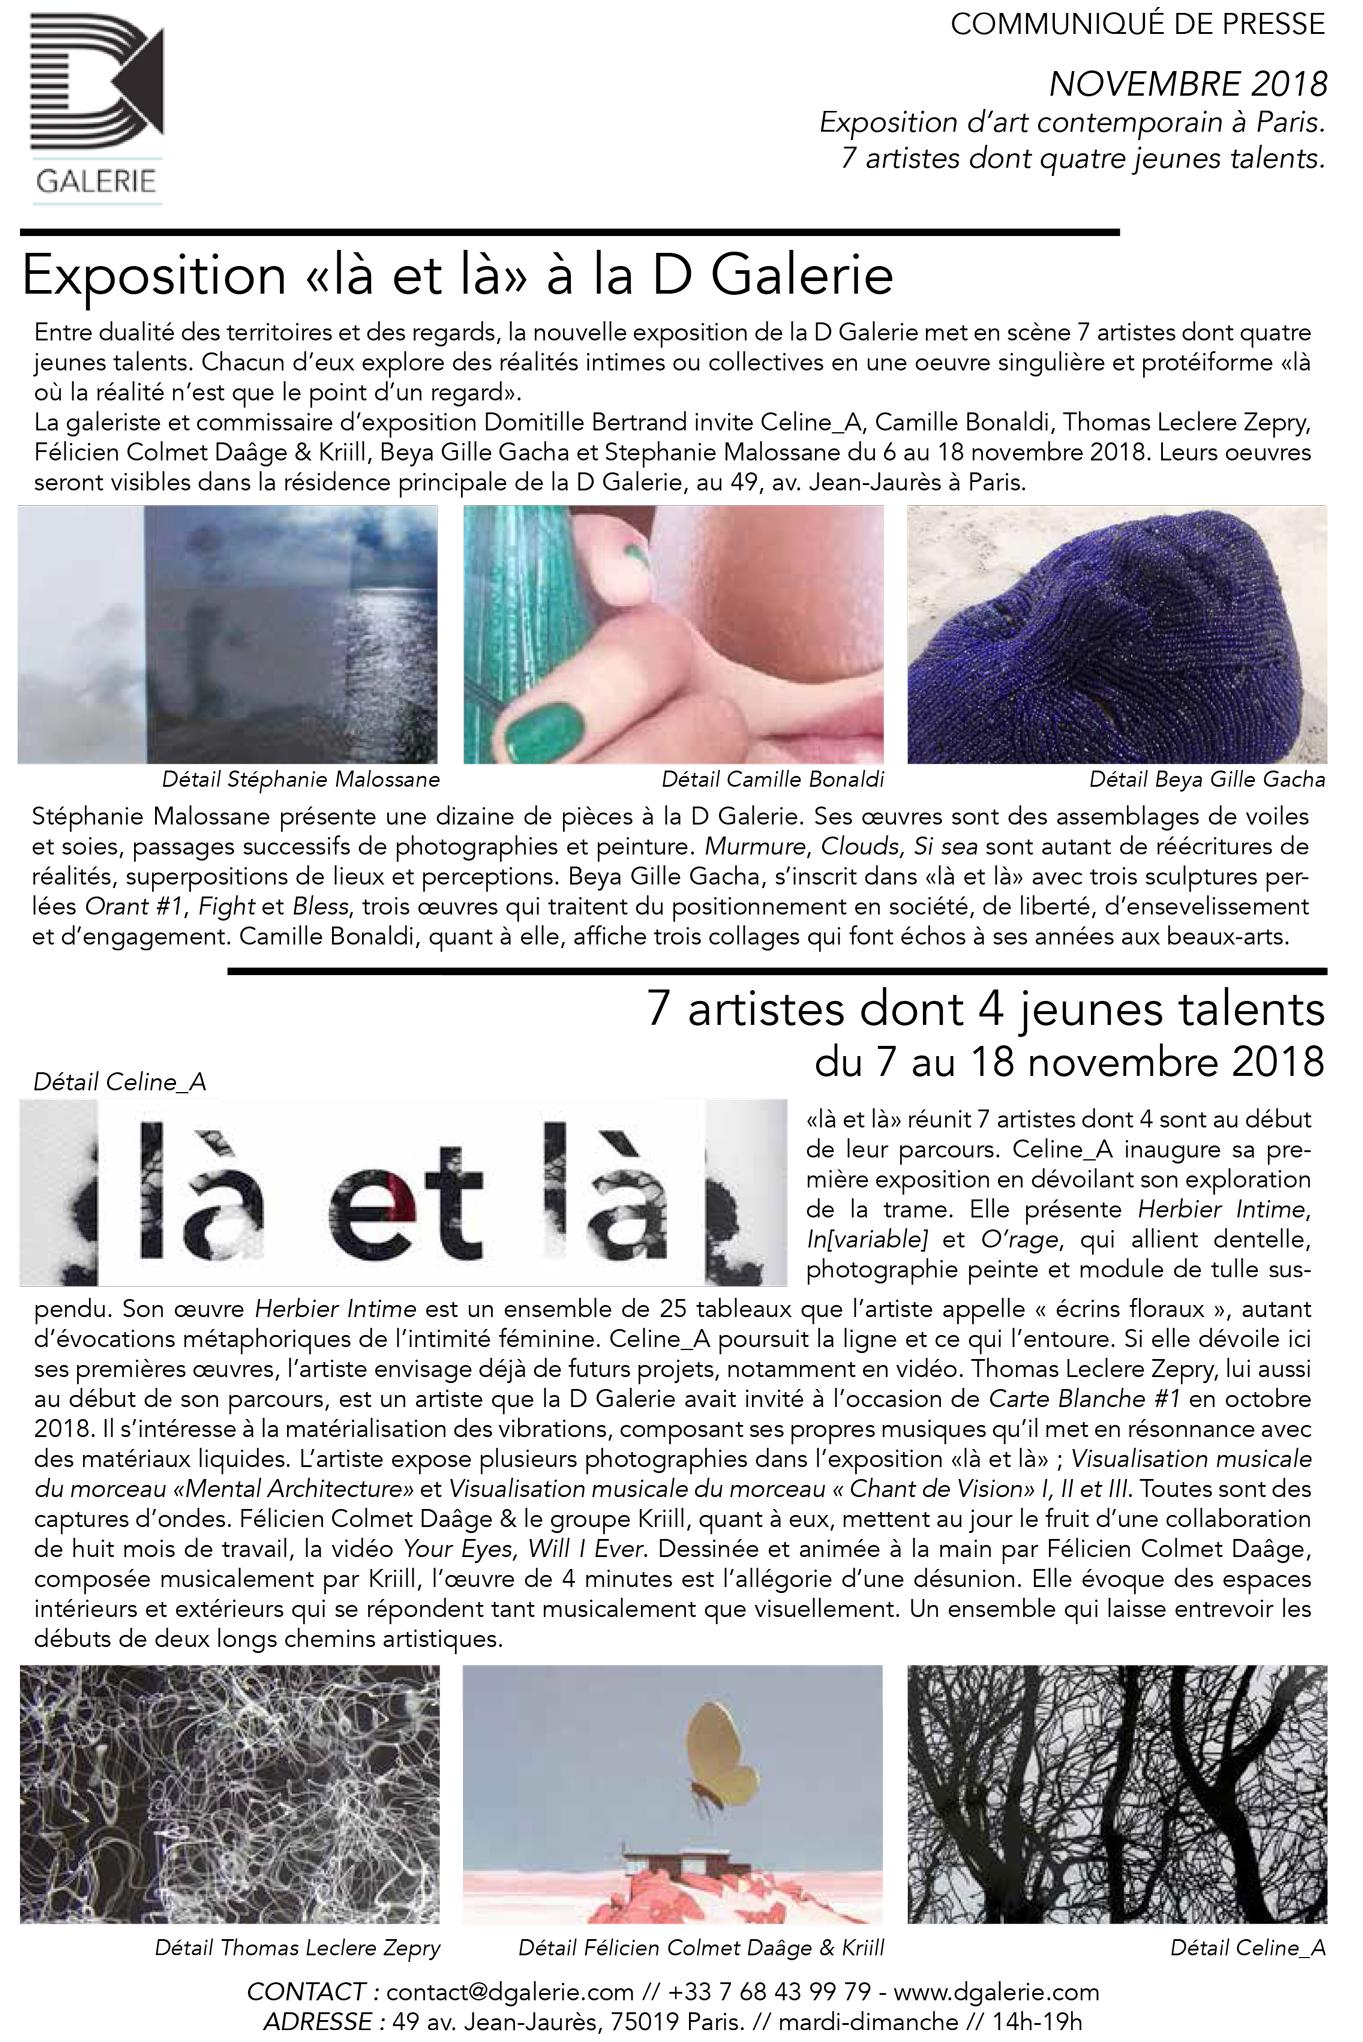 Communiqué-de-Presse-D-Galerie-Exposition-la-et-la